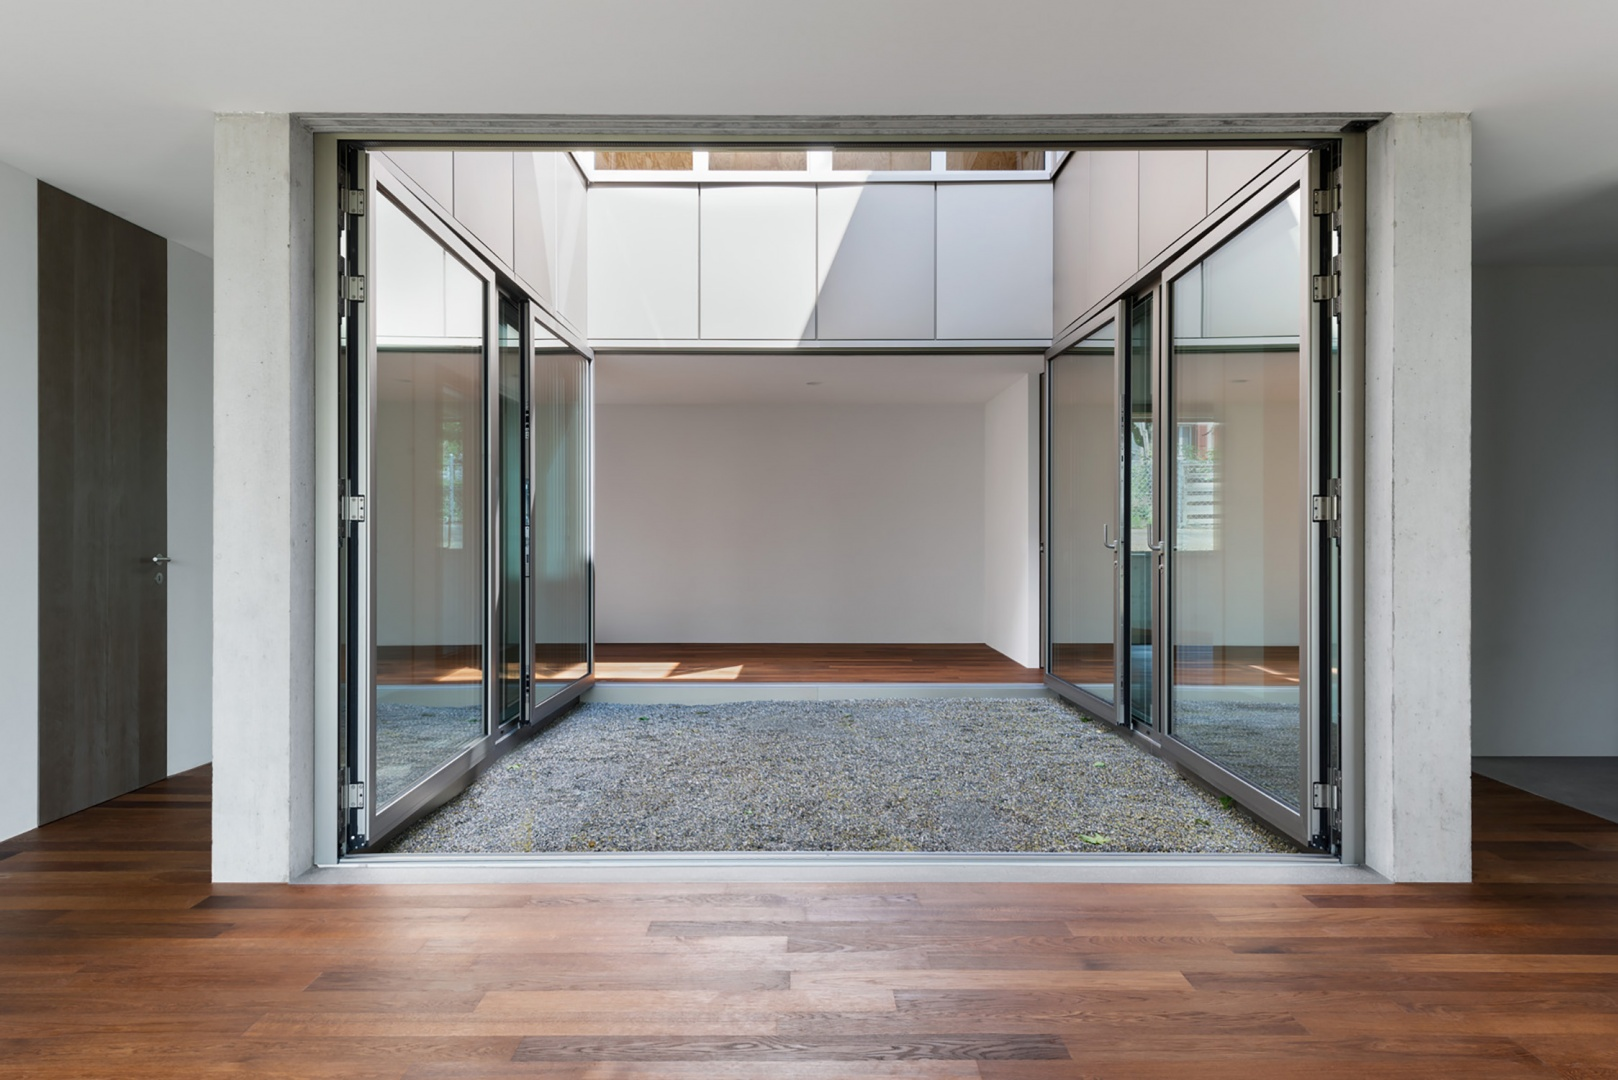 Atrium Erdgeschoss © HSB Architekten GmbH, Poststrasse 1, 4500 Solothurn